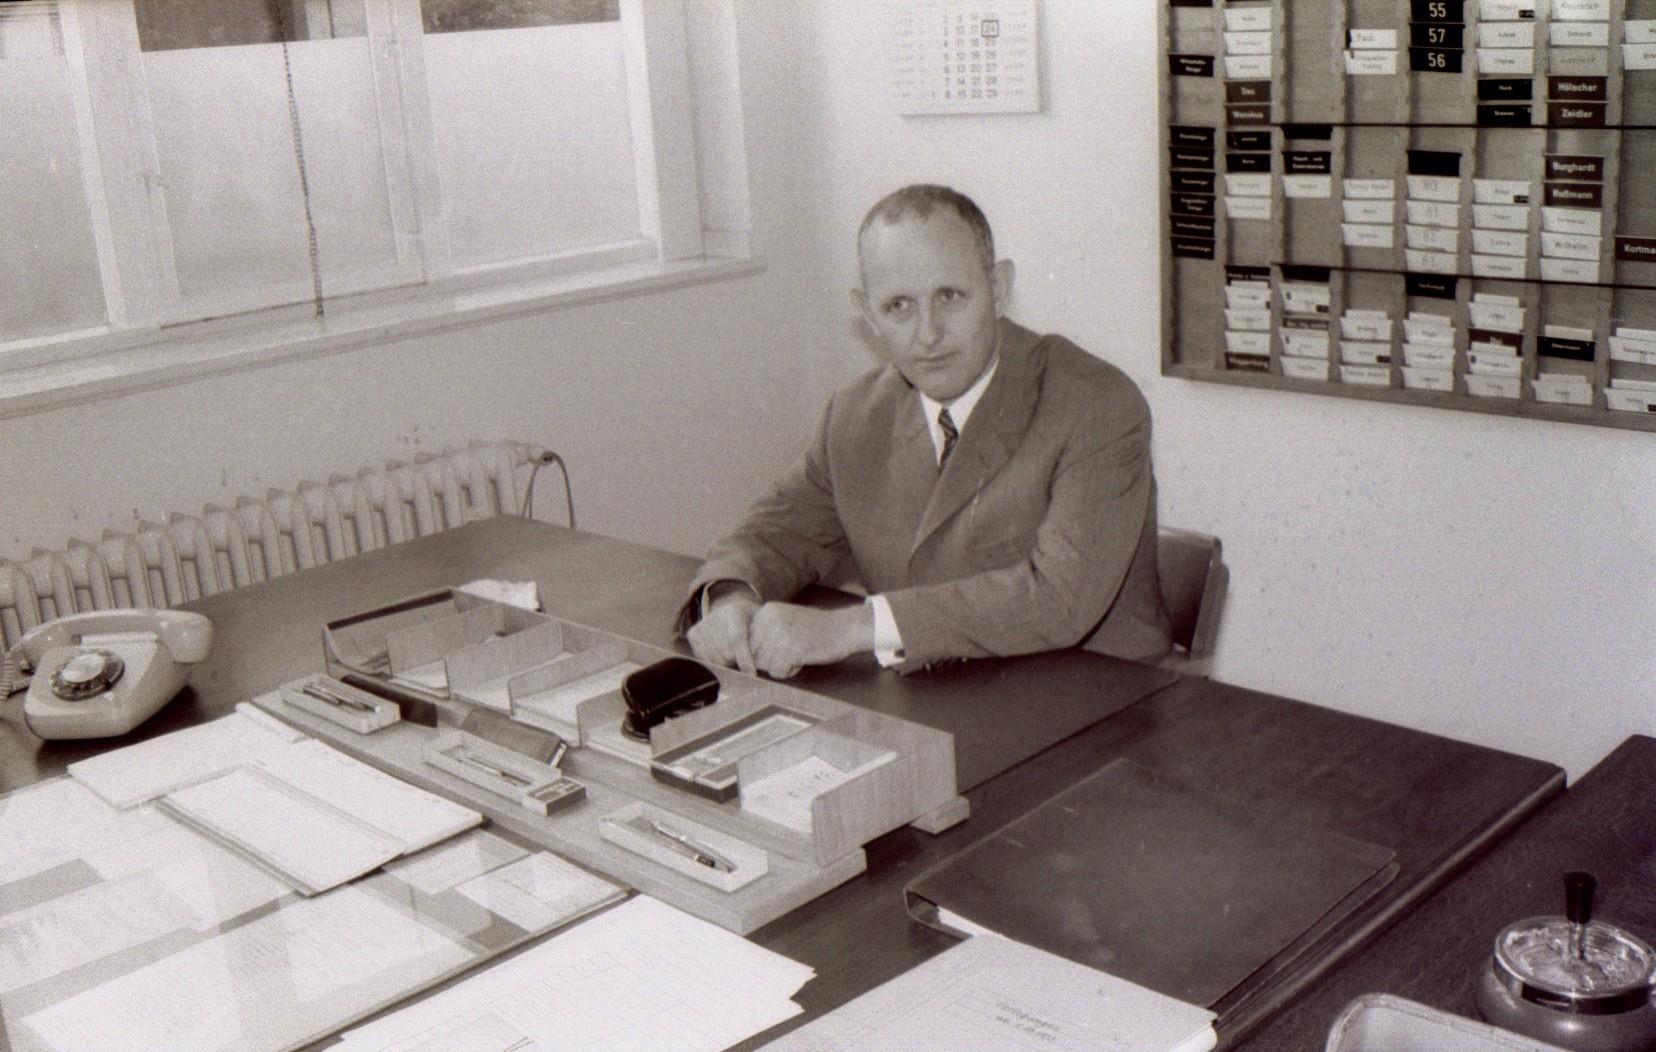 Betriebsdirektor Produktion Assessor Thomas Lenz